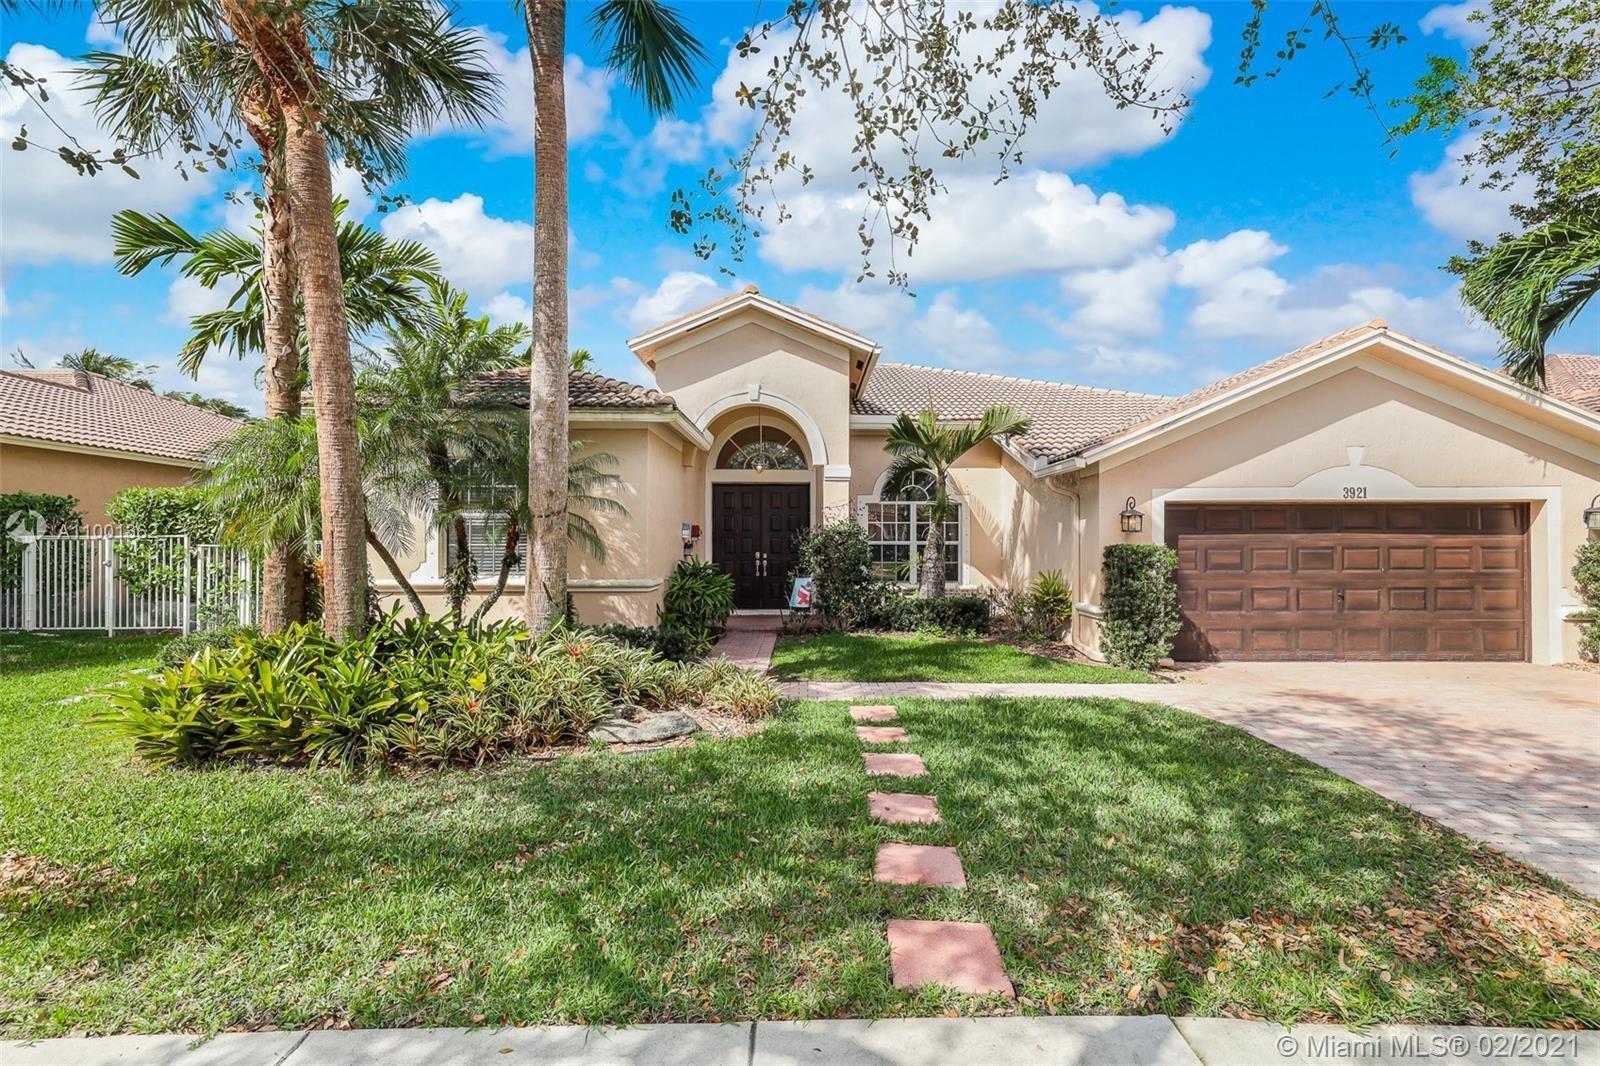 Photo of 3921 W Gardenia Ave, Weston, FL 33332 (MLS # A11001362)